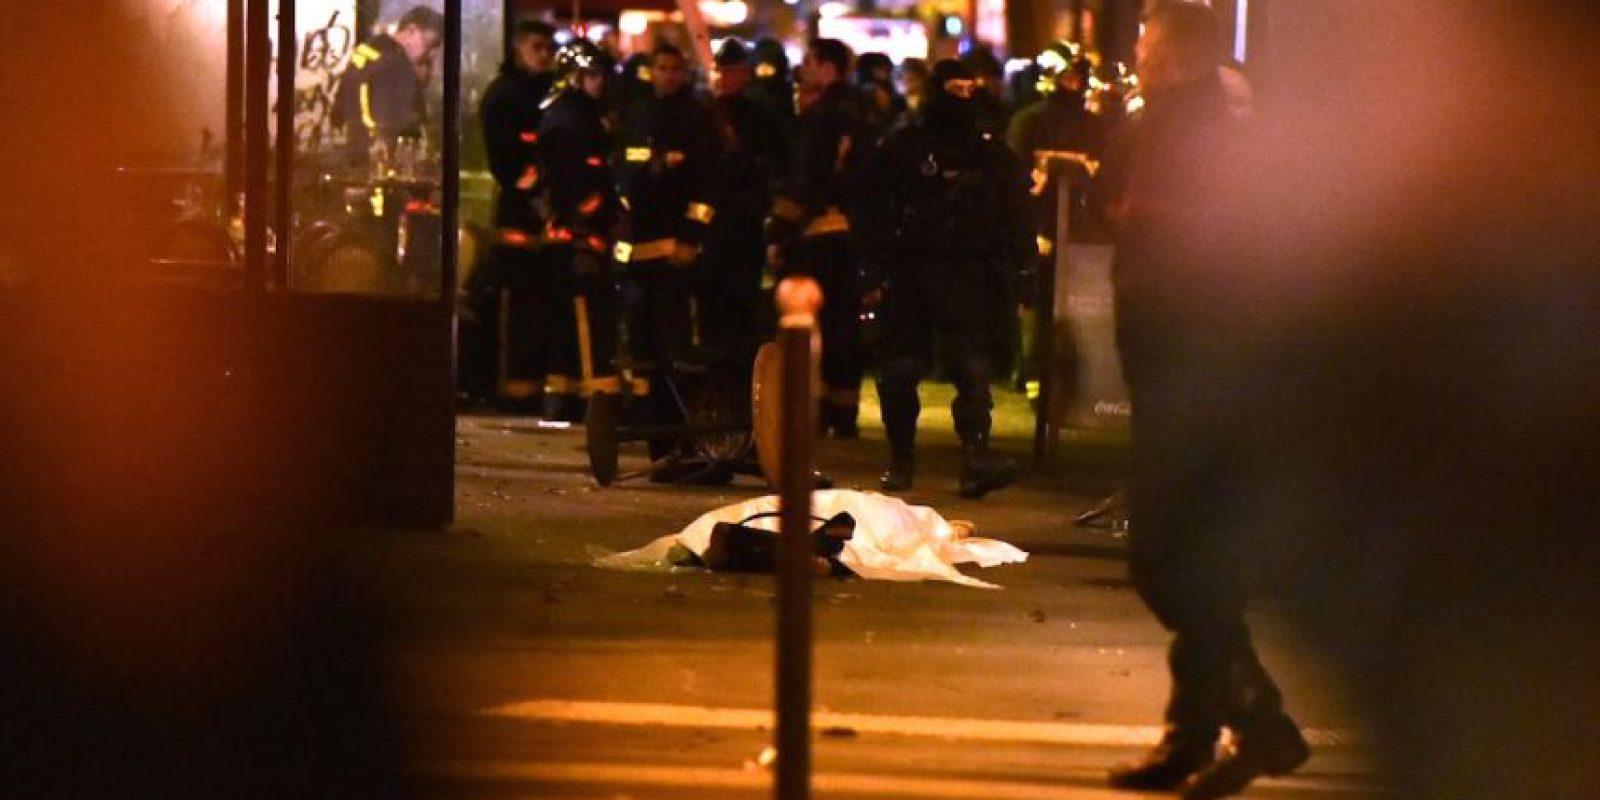 Reportes oficiales señalan que 129 personas perdieron la vida. Foto:Getty Images